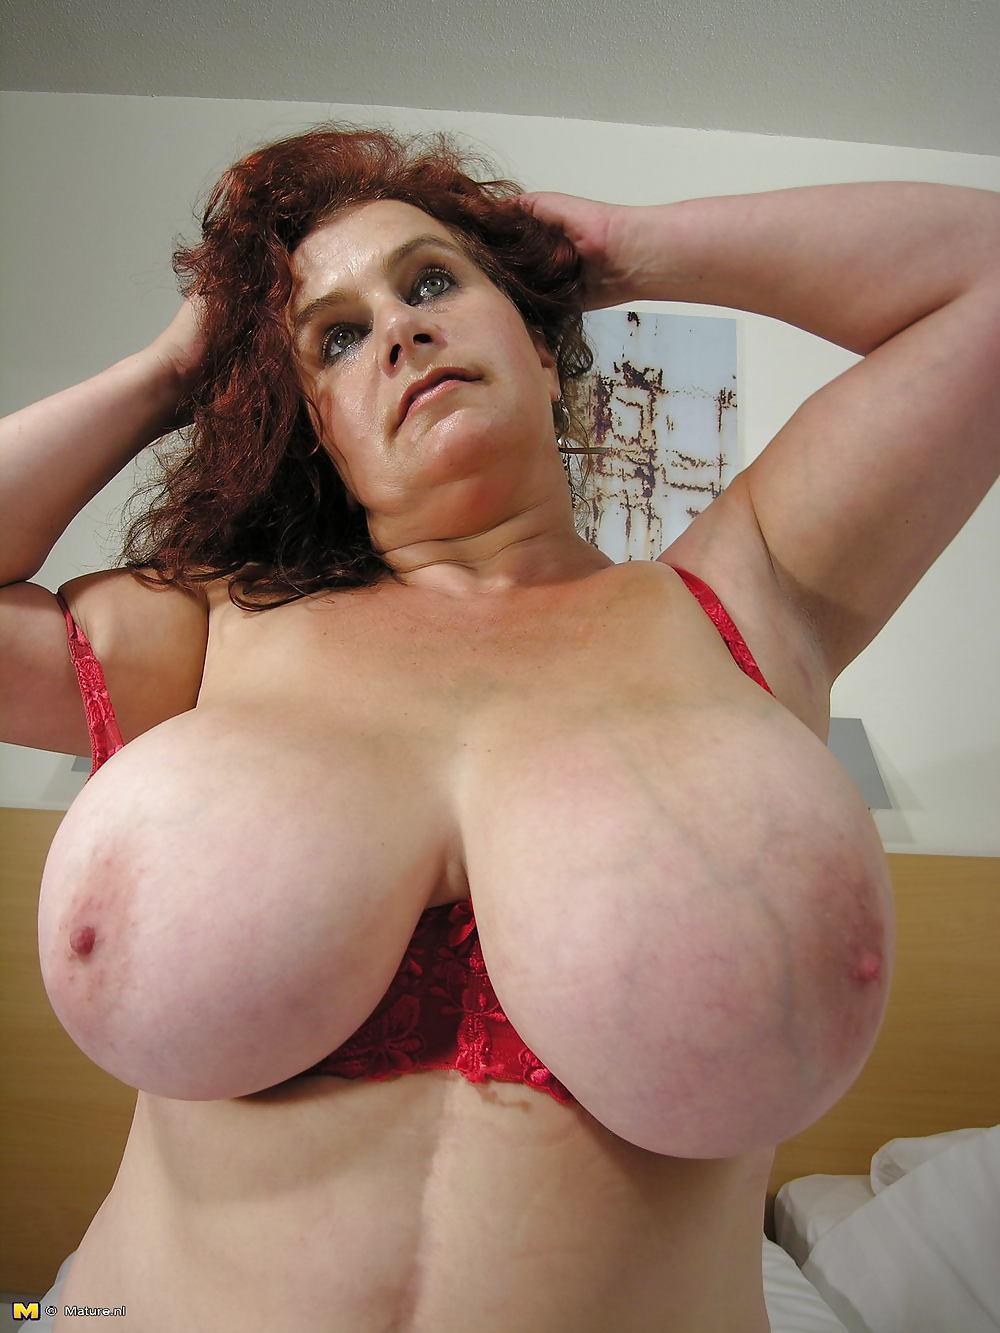 Older Women Huge Boobs